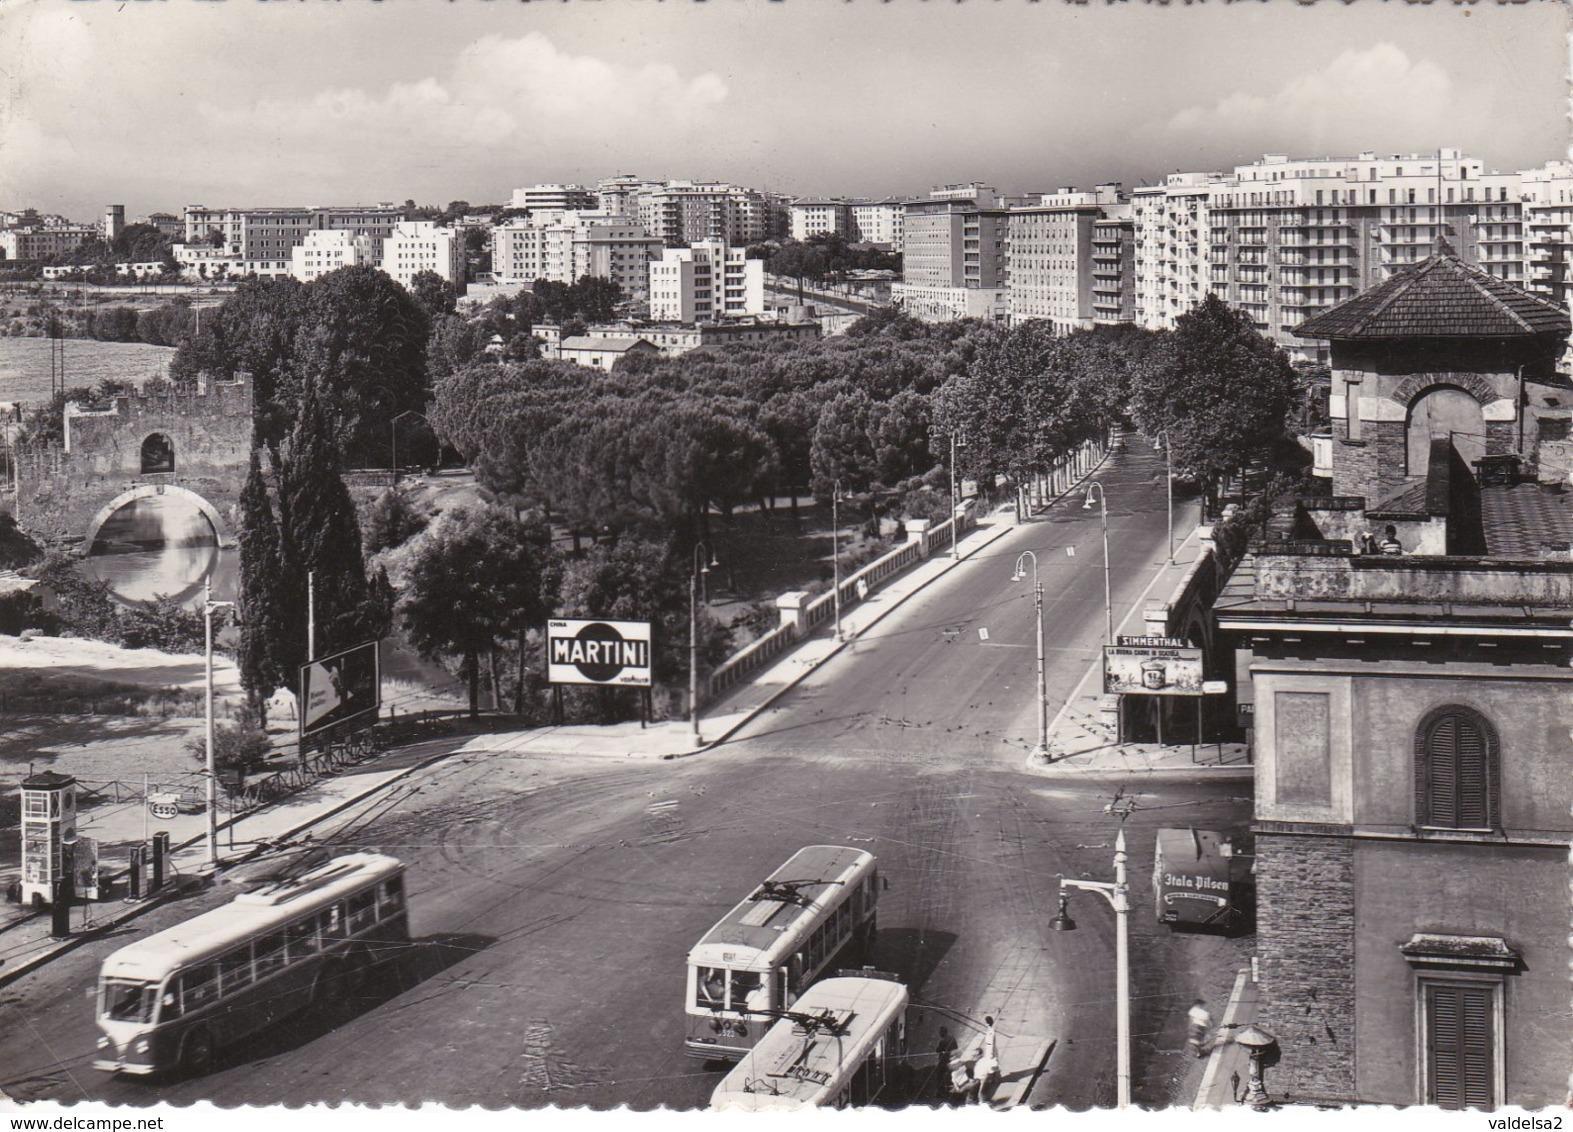 ROMA - CORSO SEMPIONE - VIA NOMENTANA - CARTELLONE PUBBLICITARIO MARTINI -FURGONE BIRRA ITALA PILSEN-FILOBUS / TRAM-1955 - Trasporti